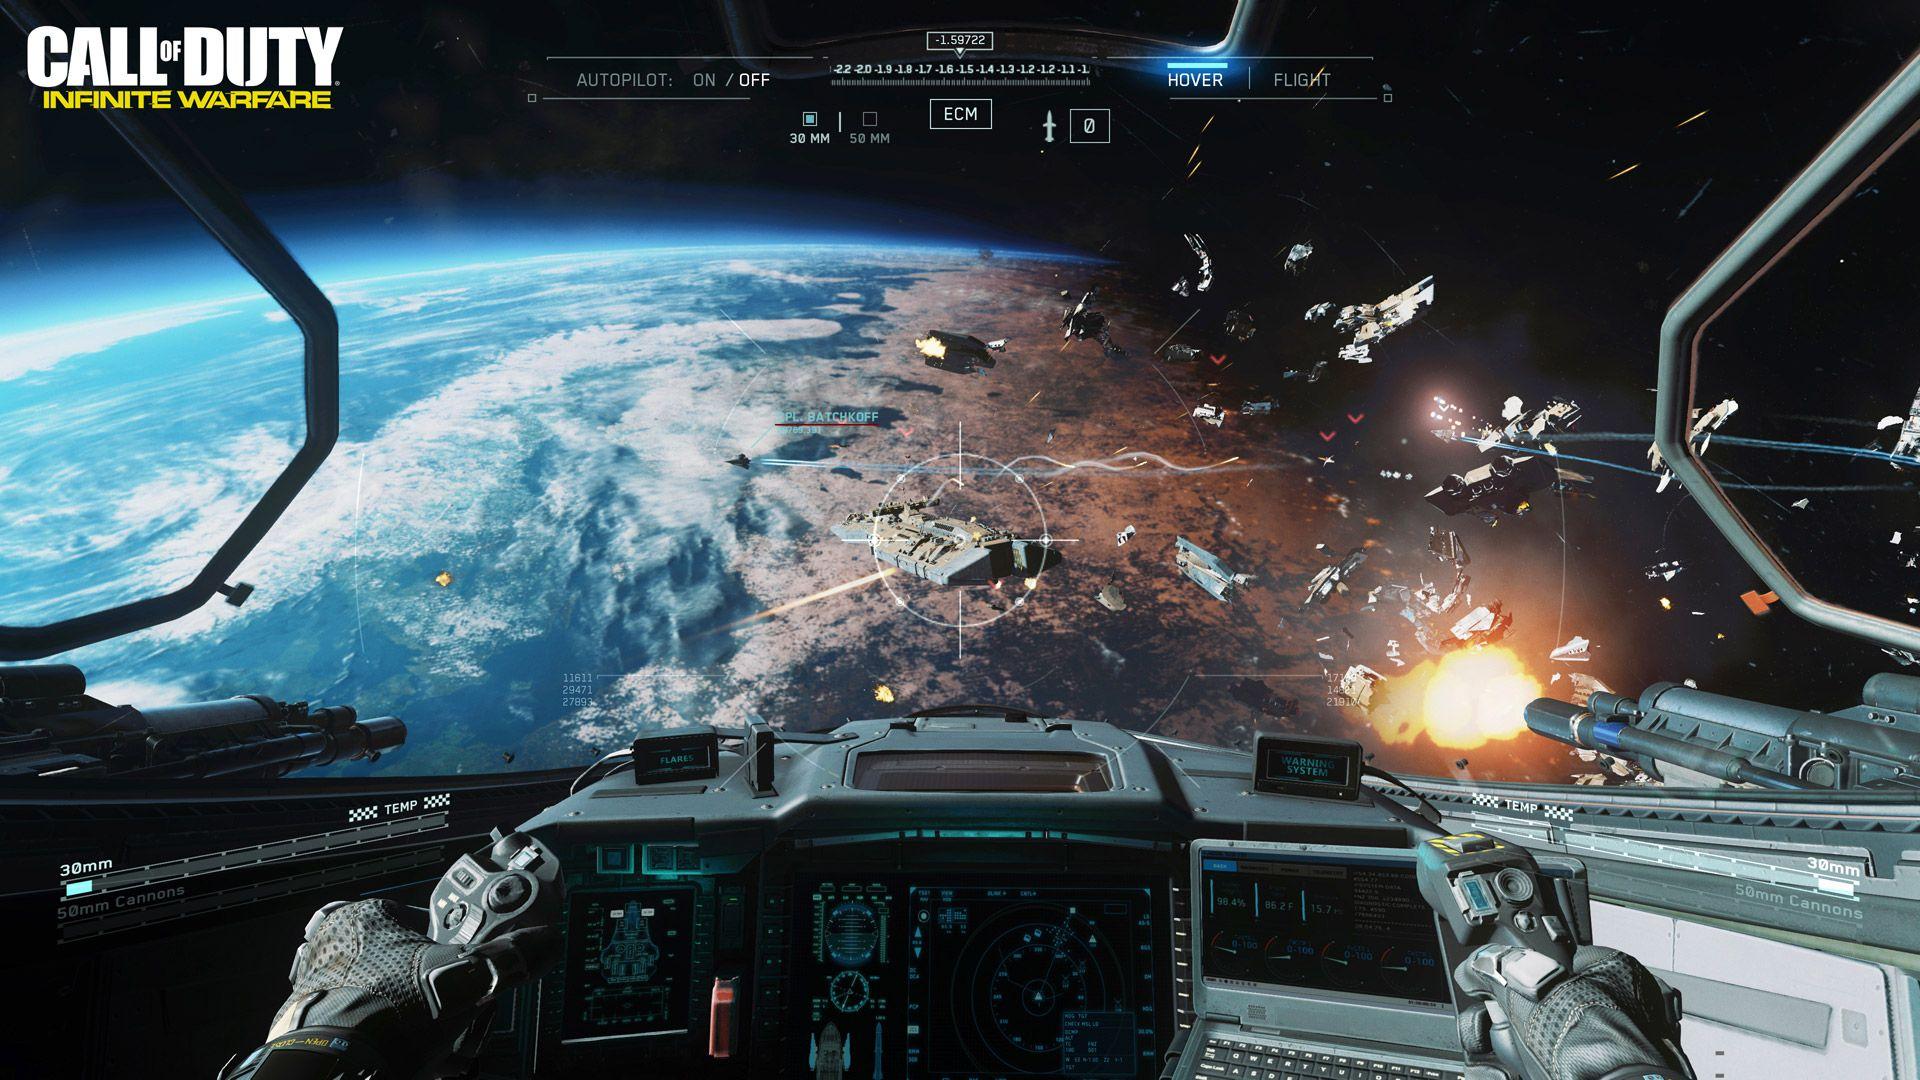 Infinite Warfare Space Battle